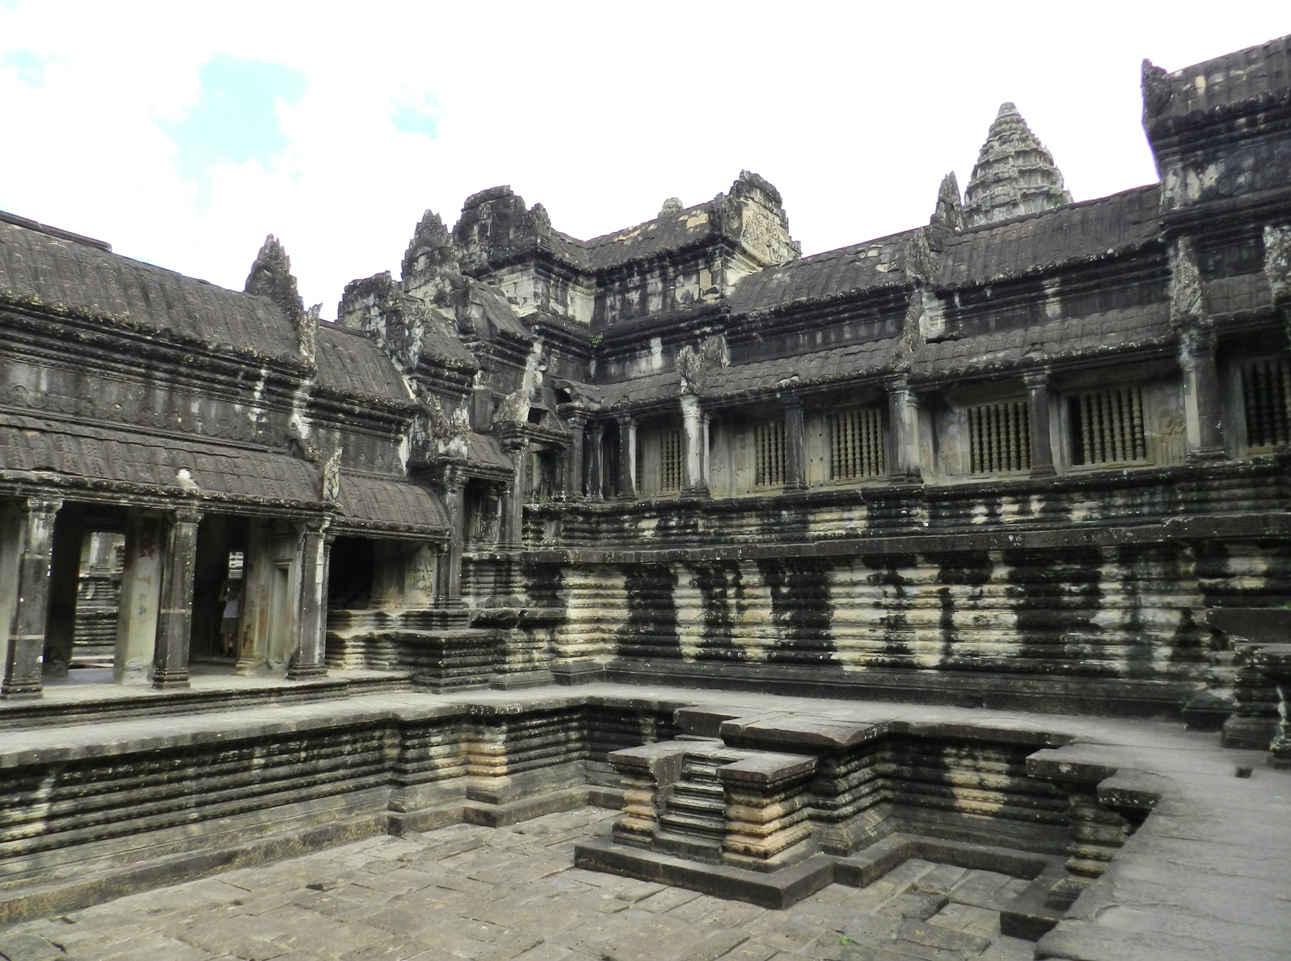 Ancient open-air baths at Angkor Wat